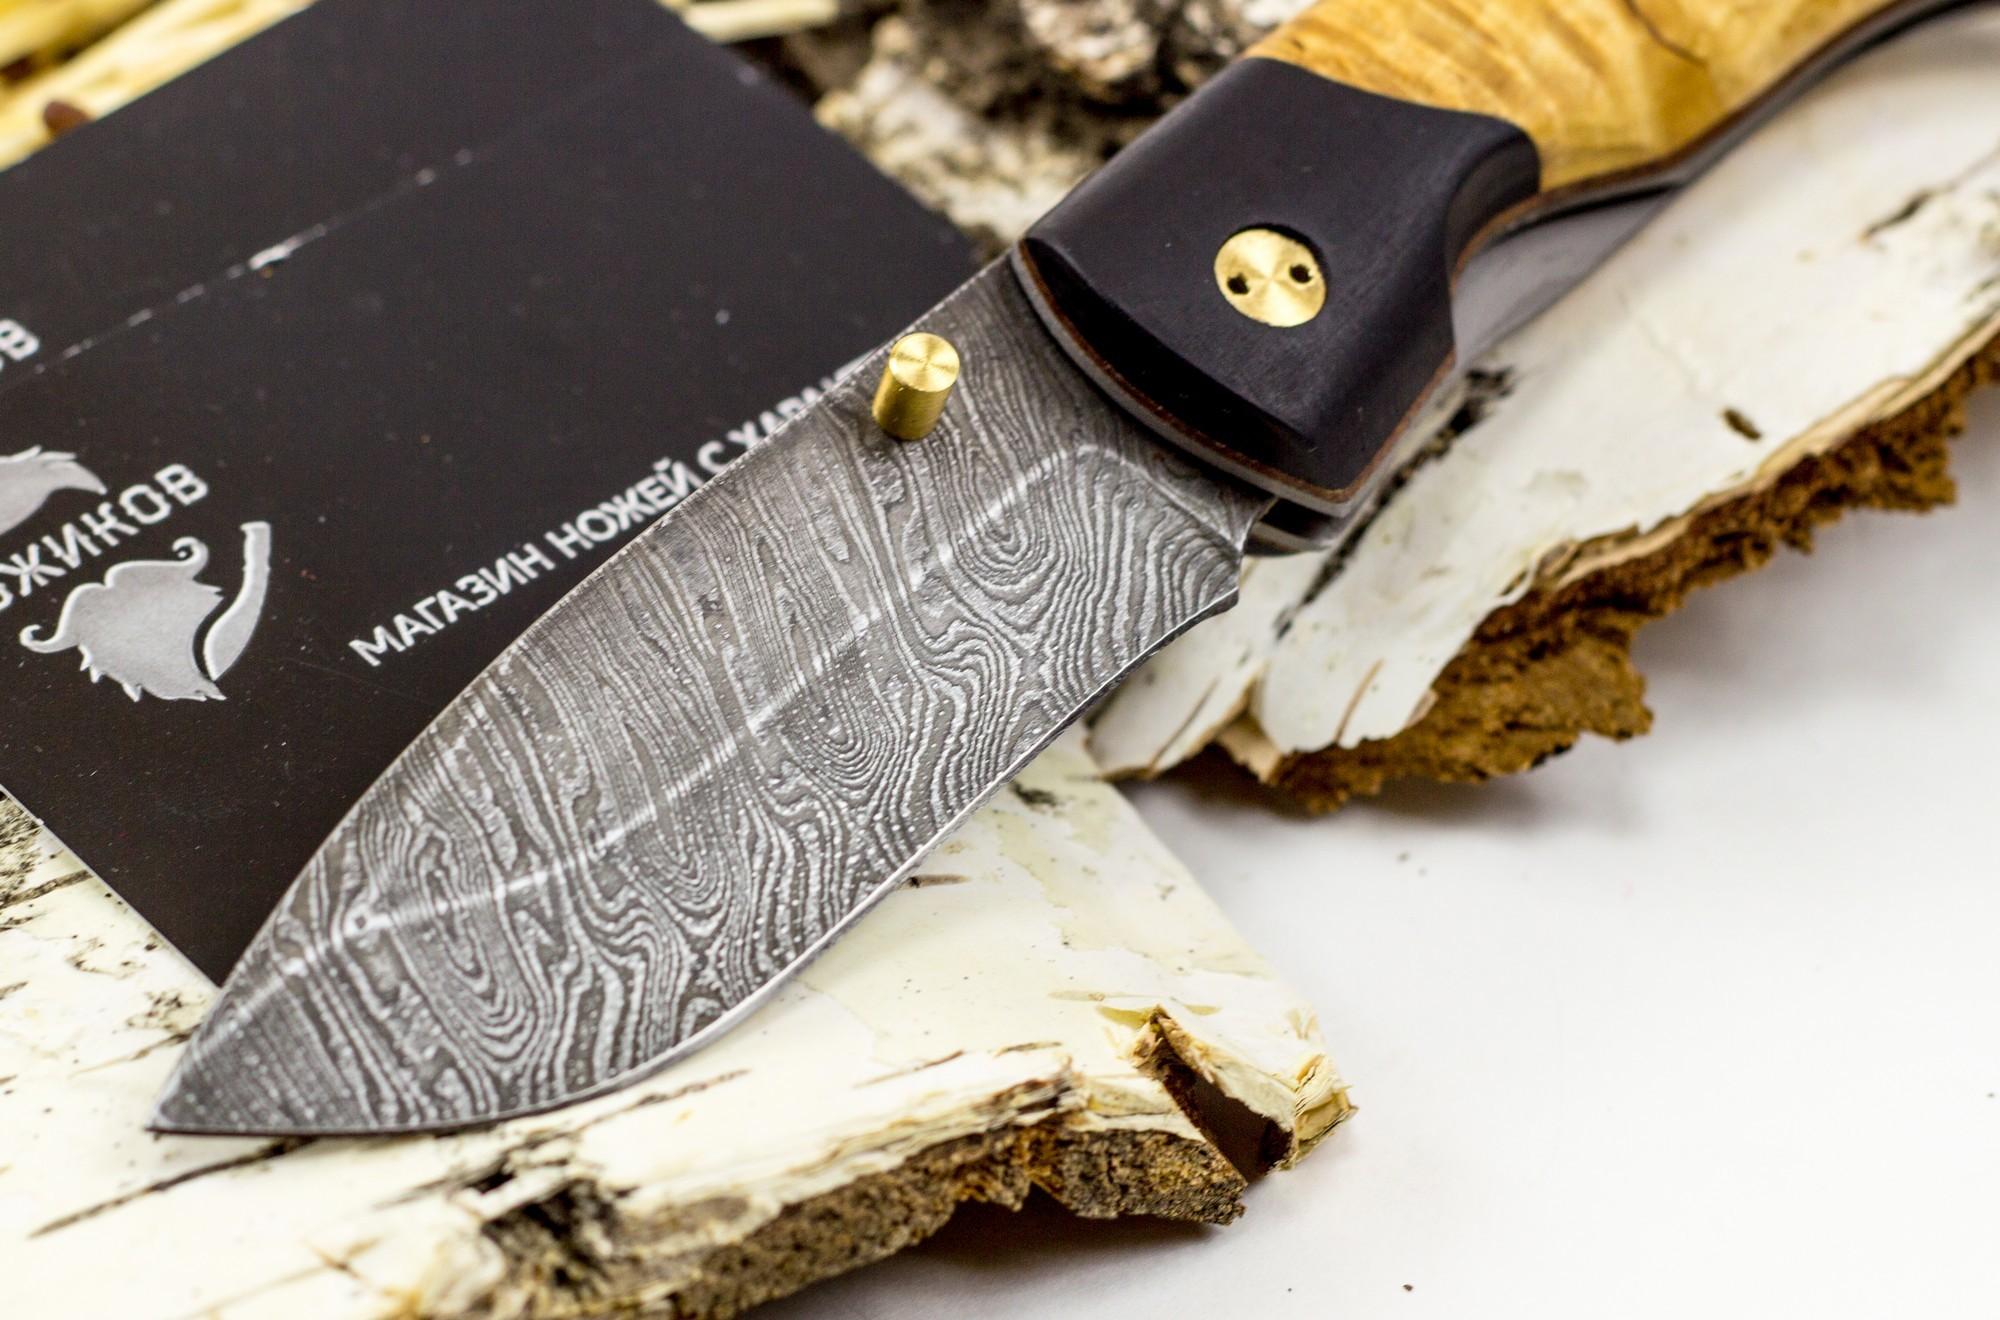 Фото 6 - Нож складной Егерьский-2, дамаск, карельская береза от Марычев